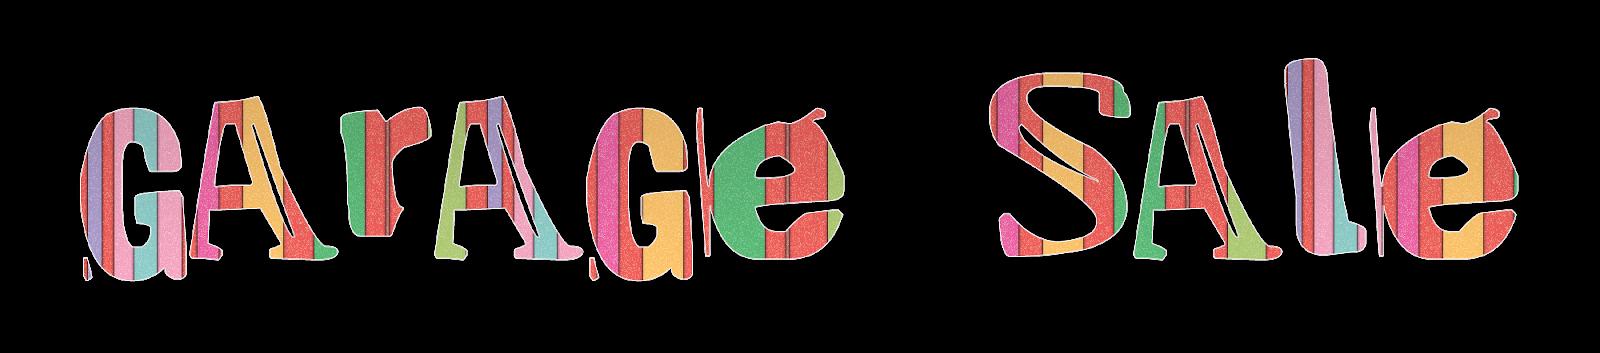 http://deetje2.blogspot.com/p/2014-garage-sale.html